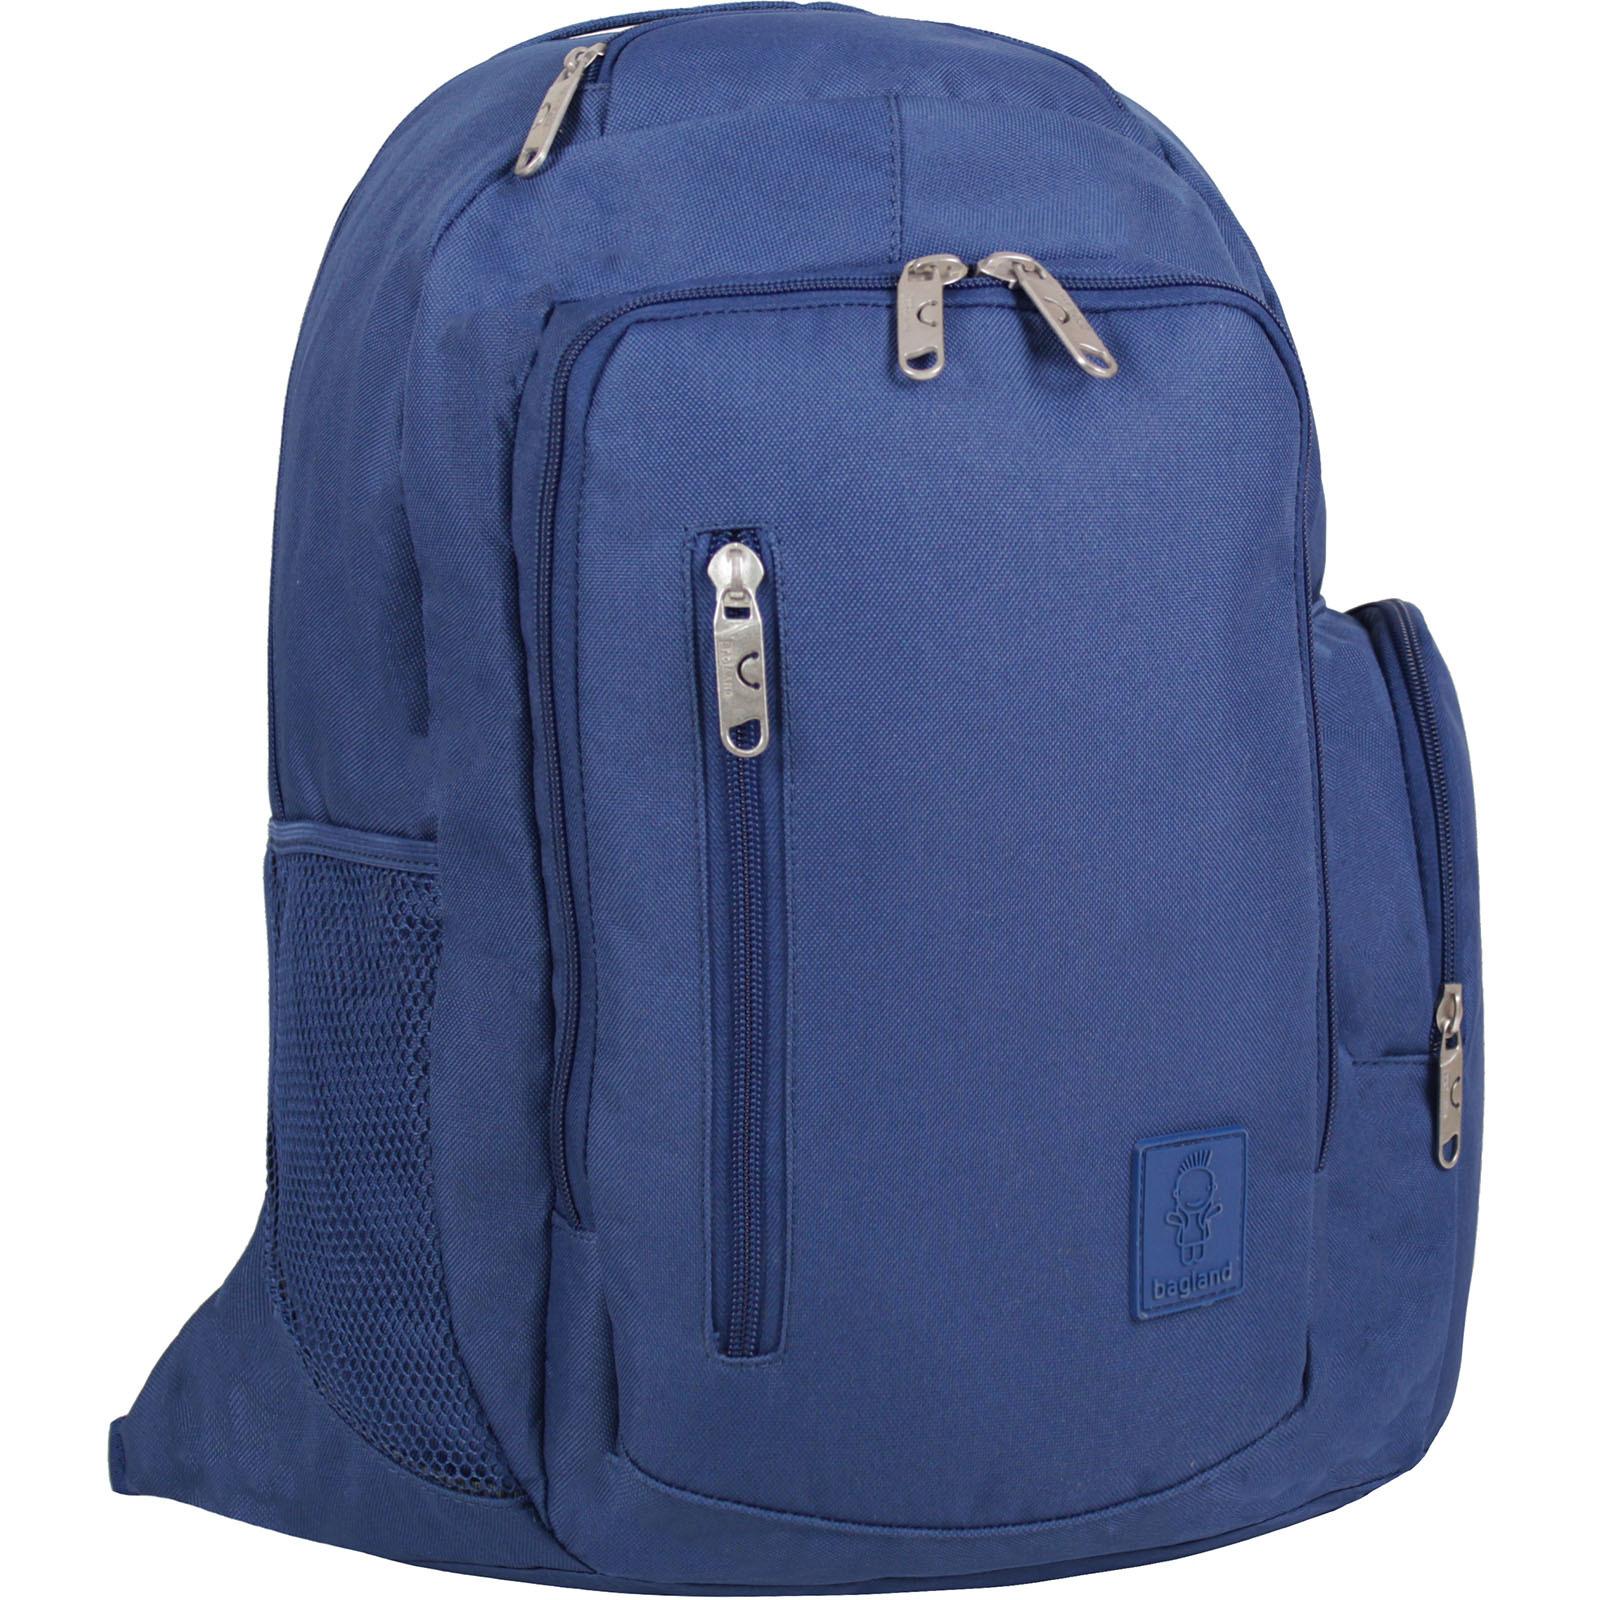 Рюкзаки для ноутбука Рюкзак для ноутбука Bagland Техас 29 л. Синий (00532662) IMG_1644.JPG